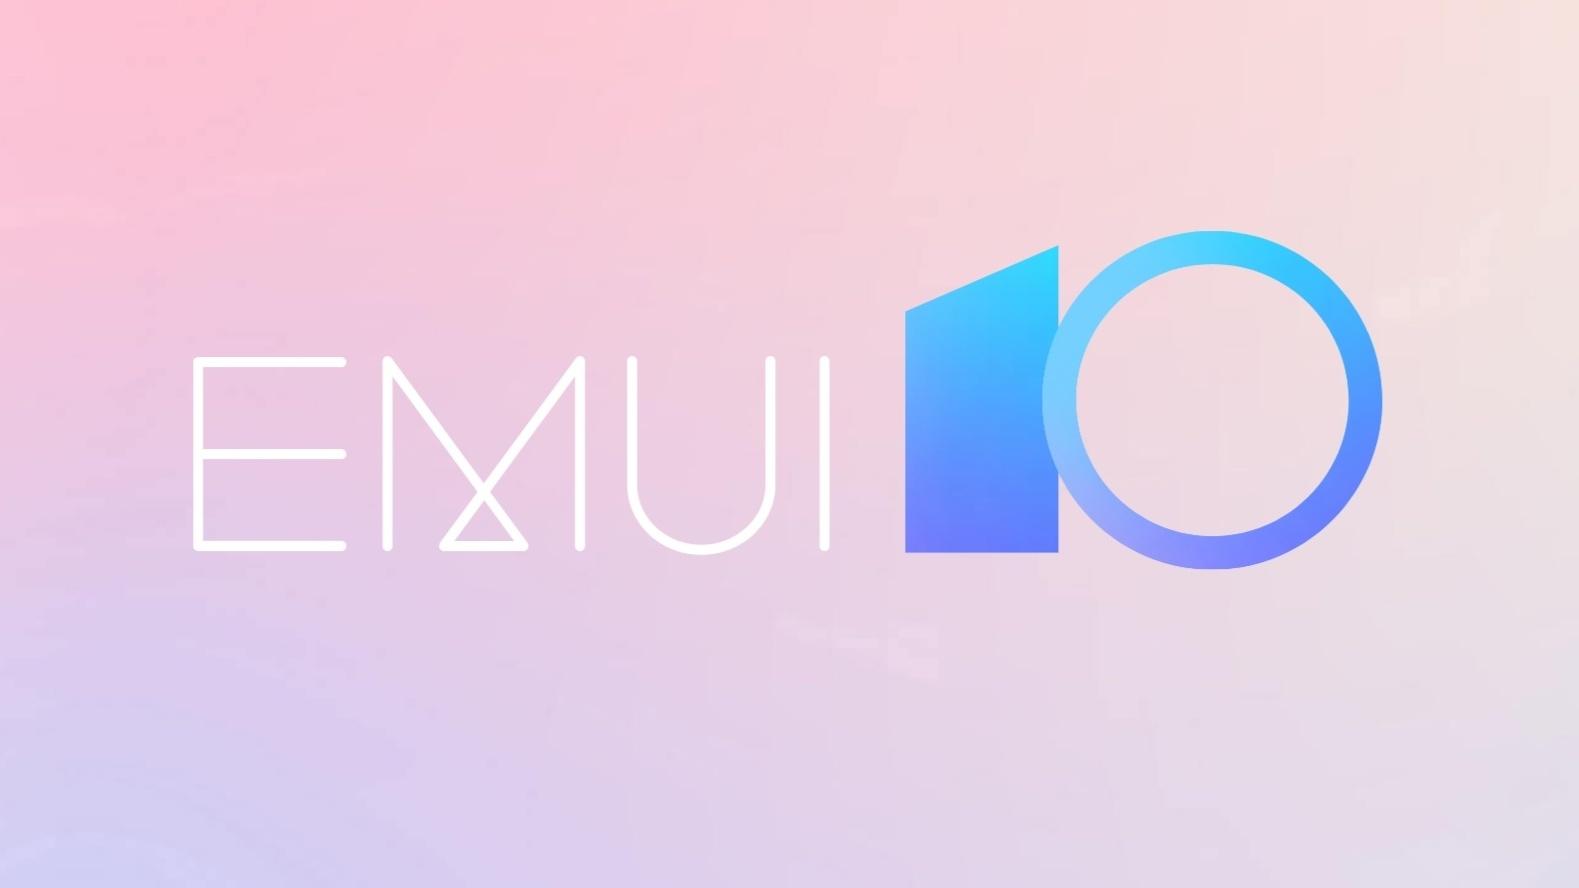 EMUI Logo - Evolution of Huawei's EMUI